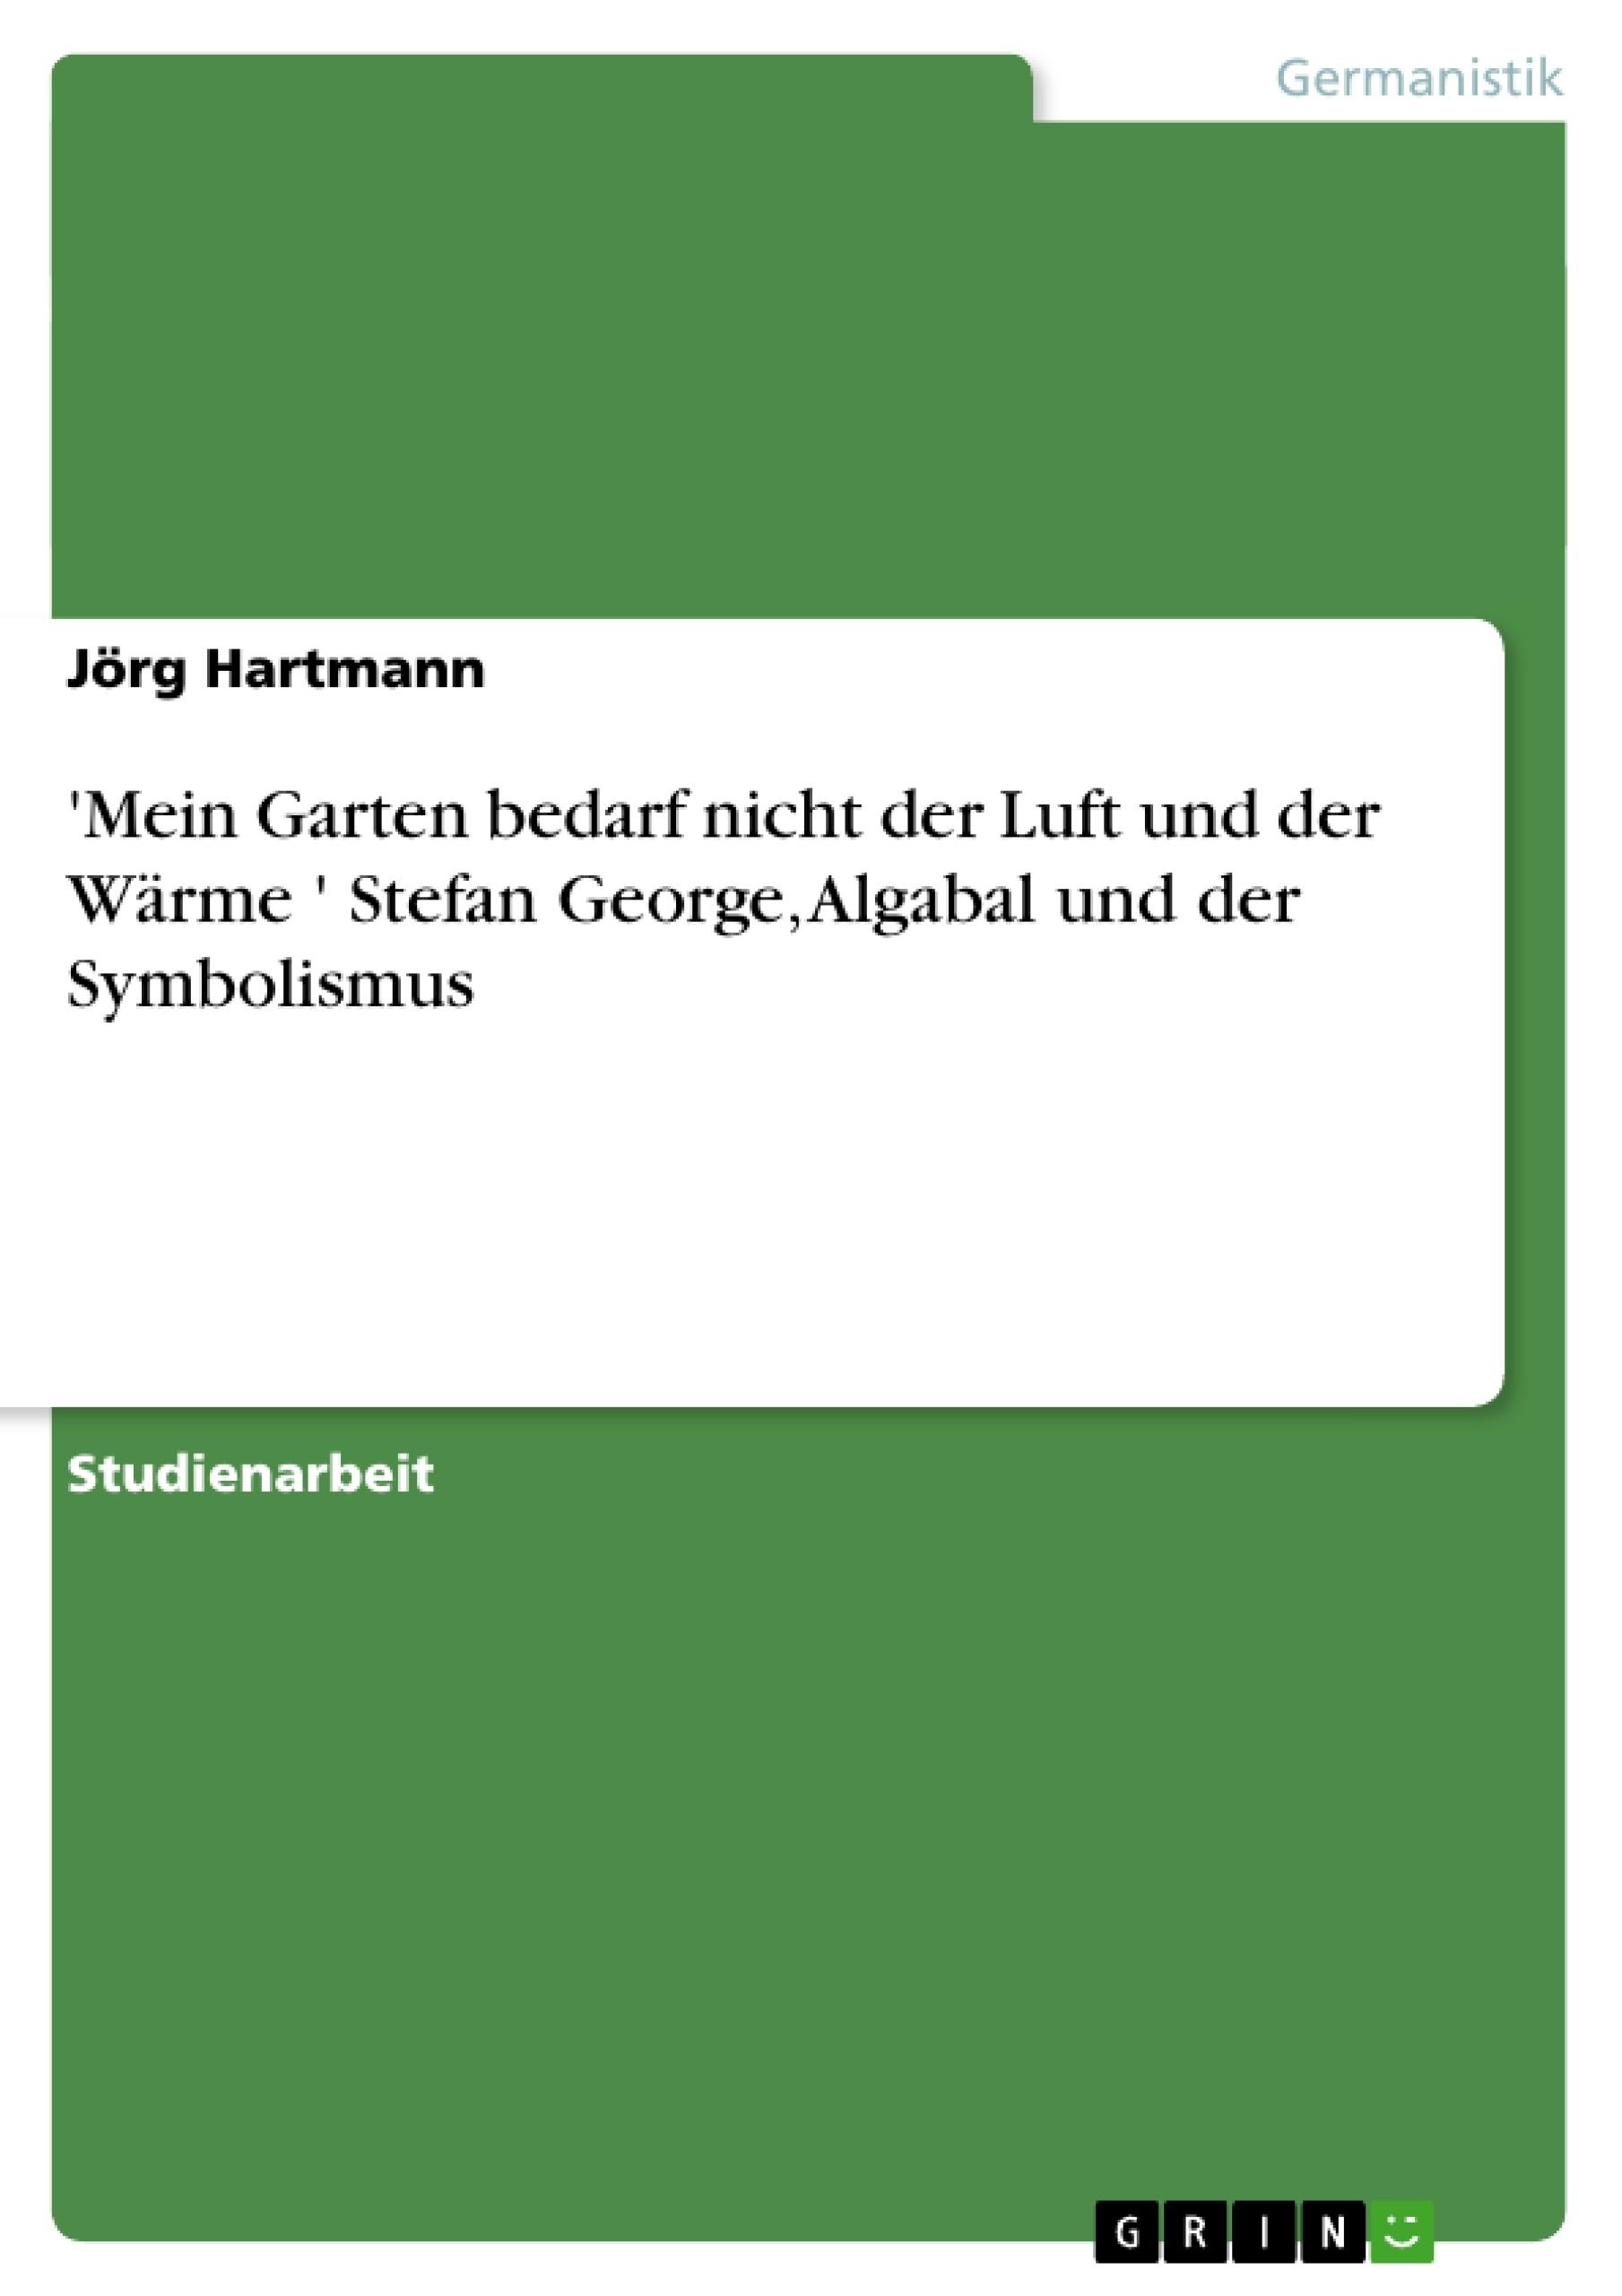 Titel: 'Mein Garten bedarf nicht der Luft und der Wärme…' Stefan George, Algabal und der Symbolismus